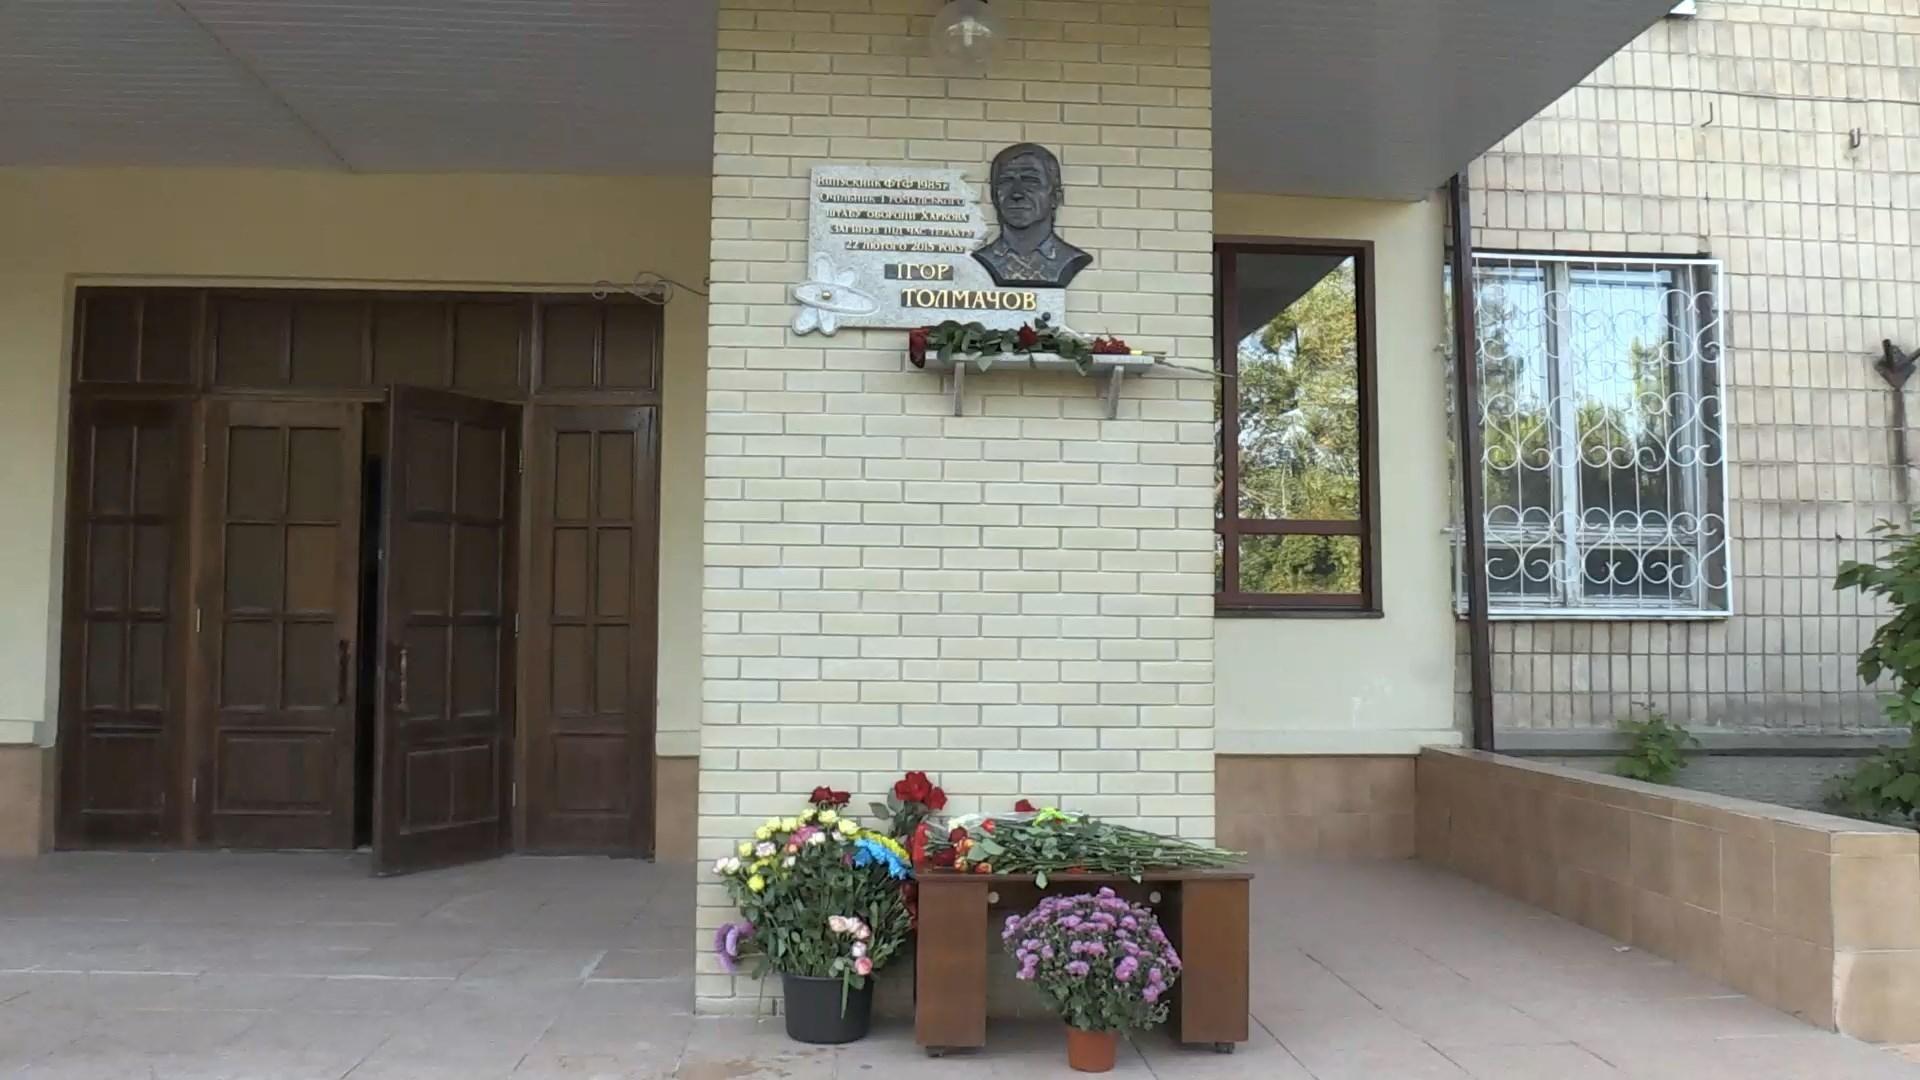 Убитого в мирном шествии Игоря Толмачева почтили в Харькове: фото, видео - Новости Харьков - 24 Канал